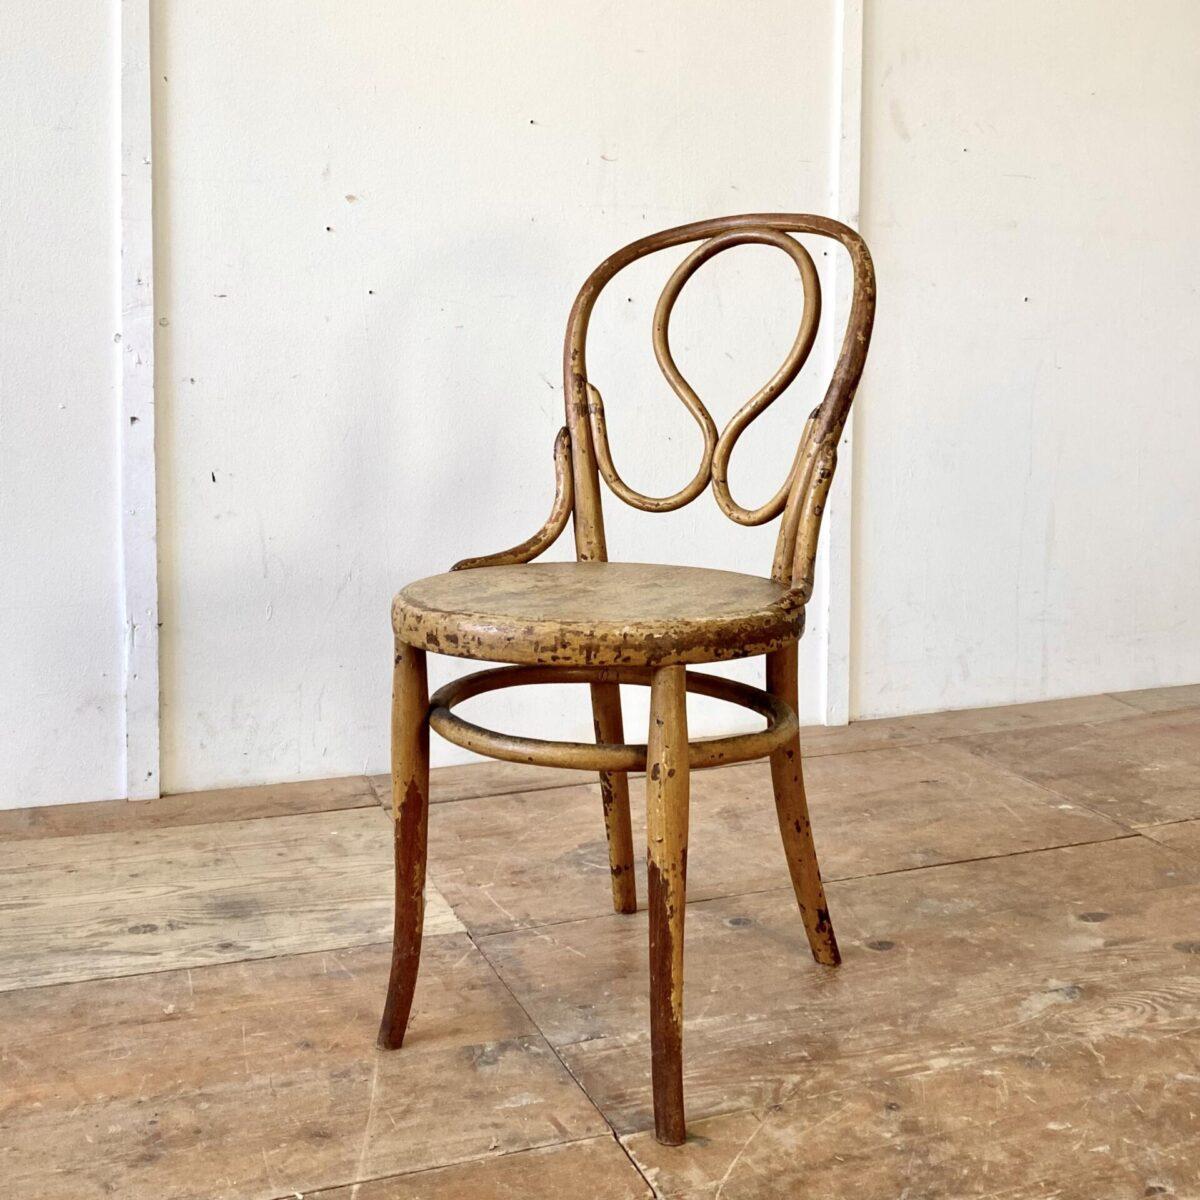 Deuxieme.shop antiker wienerstuhl. Wienerstuhl der Firma Fischel Nr. 20 um 1915. Der Stuhl ist in stabilem Zustand, Oberfläche gemäss Bildern, wurde mal angemalt vieles ist aber wieder abgewetzt. Wilde Marmor artige Optik.